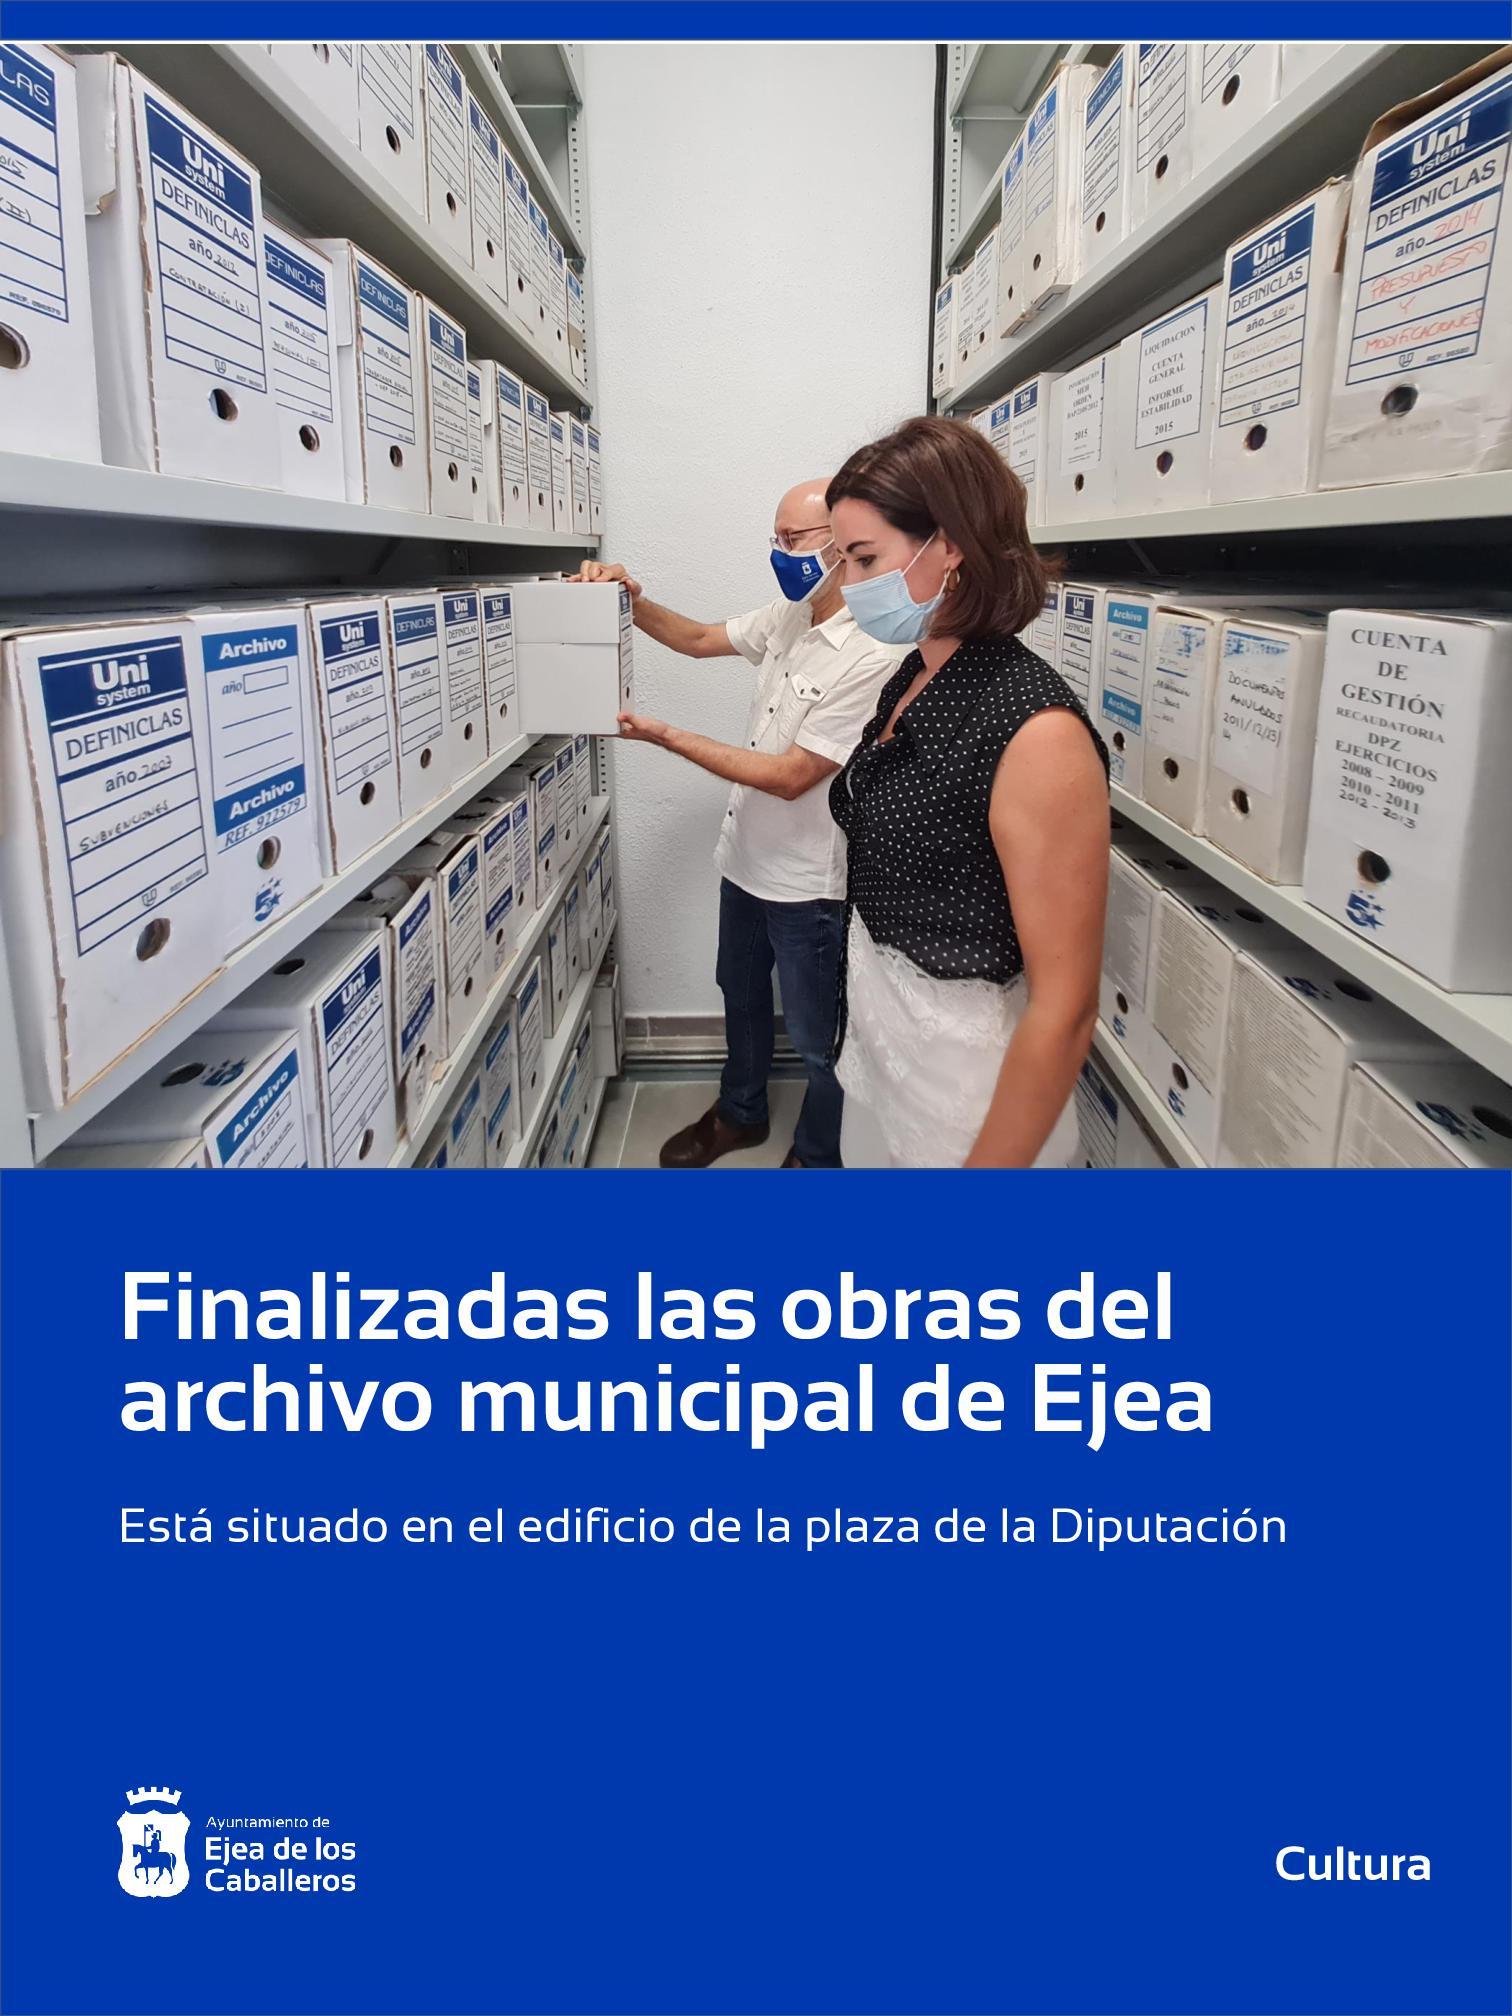 Finalizadas las obras del Archivo Municipal de Ejea de los Caballeros